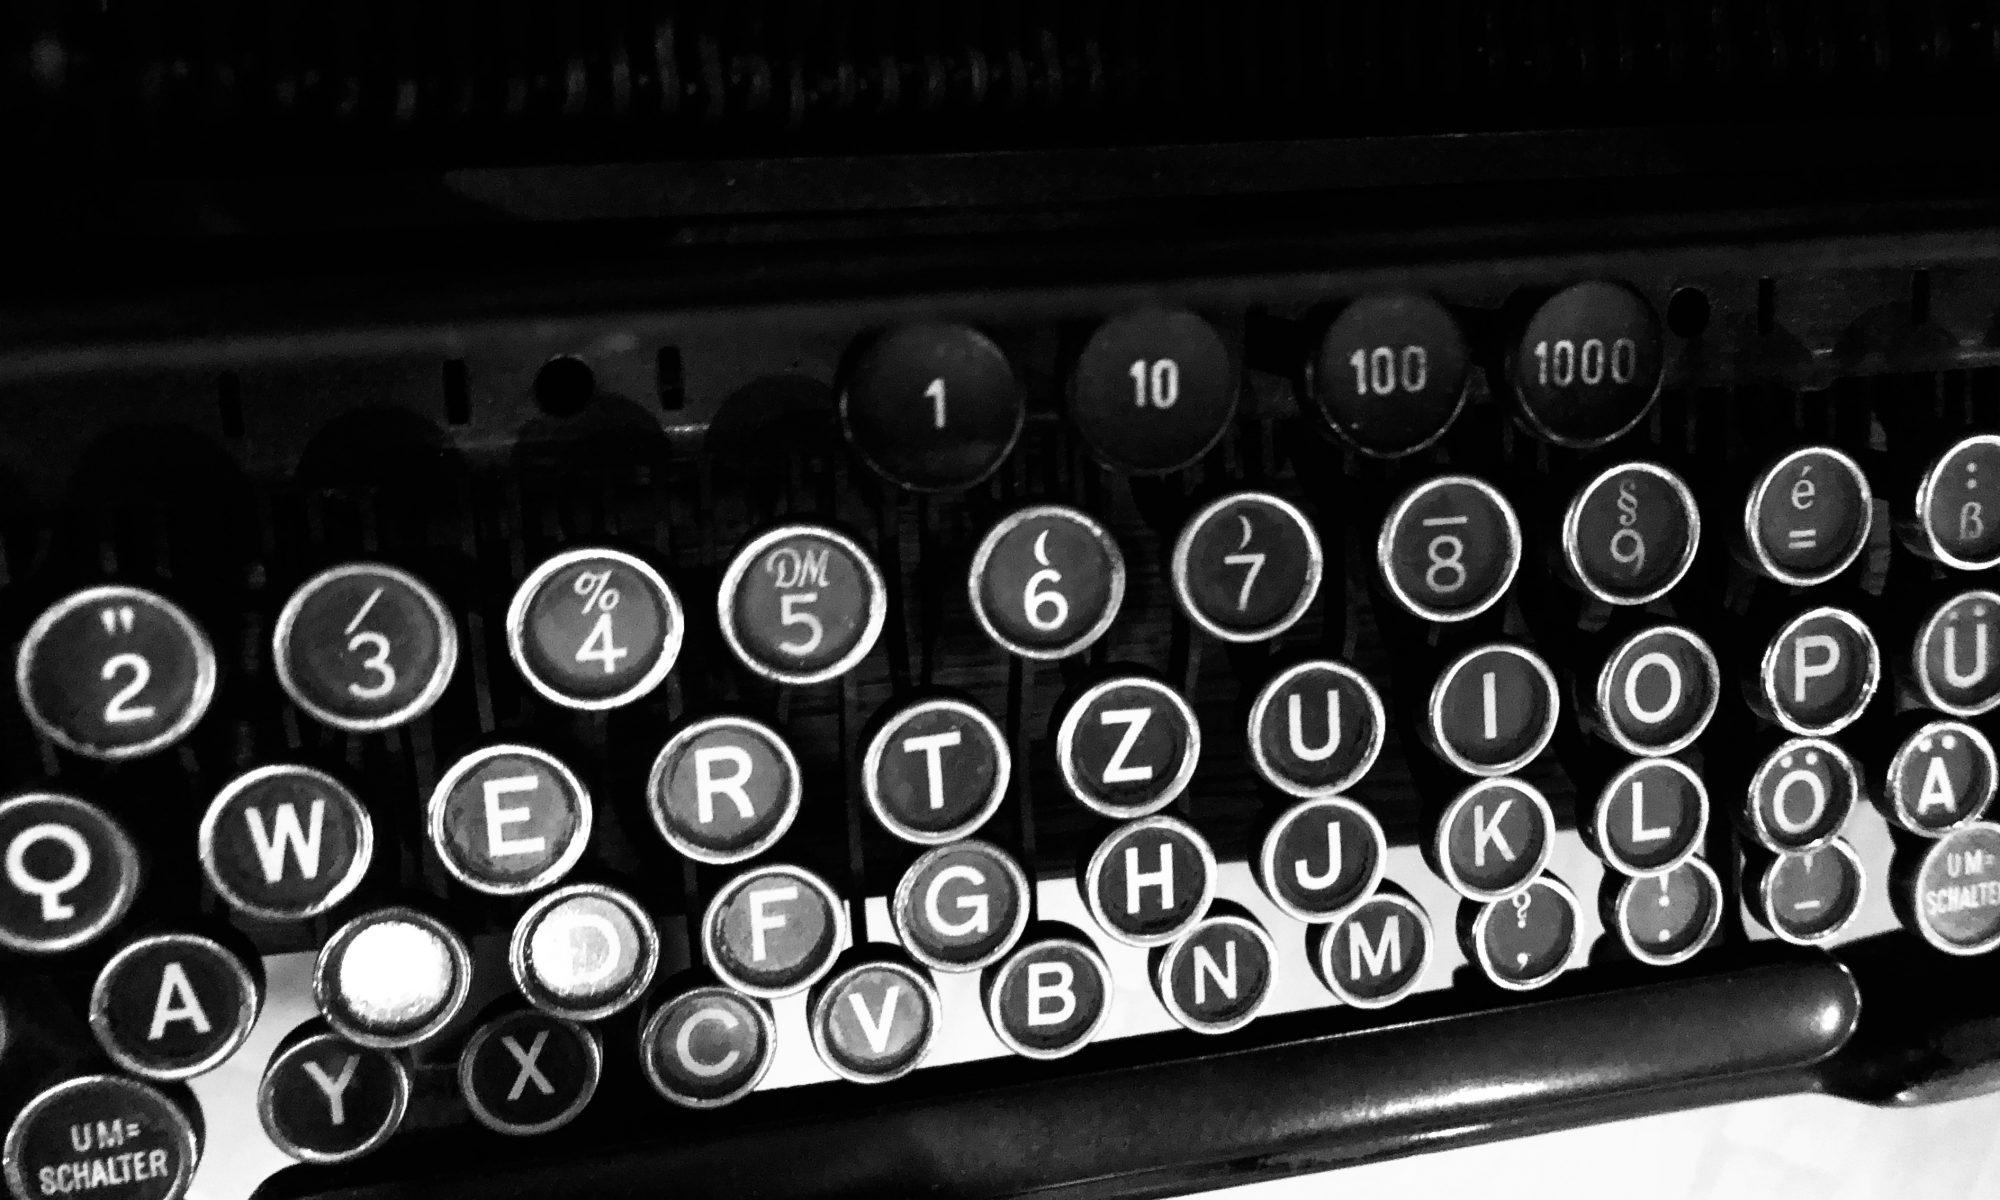 Tastatur einer alten Schreibmaschine